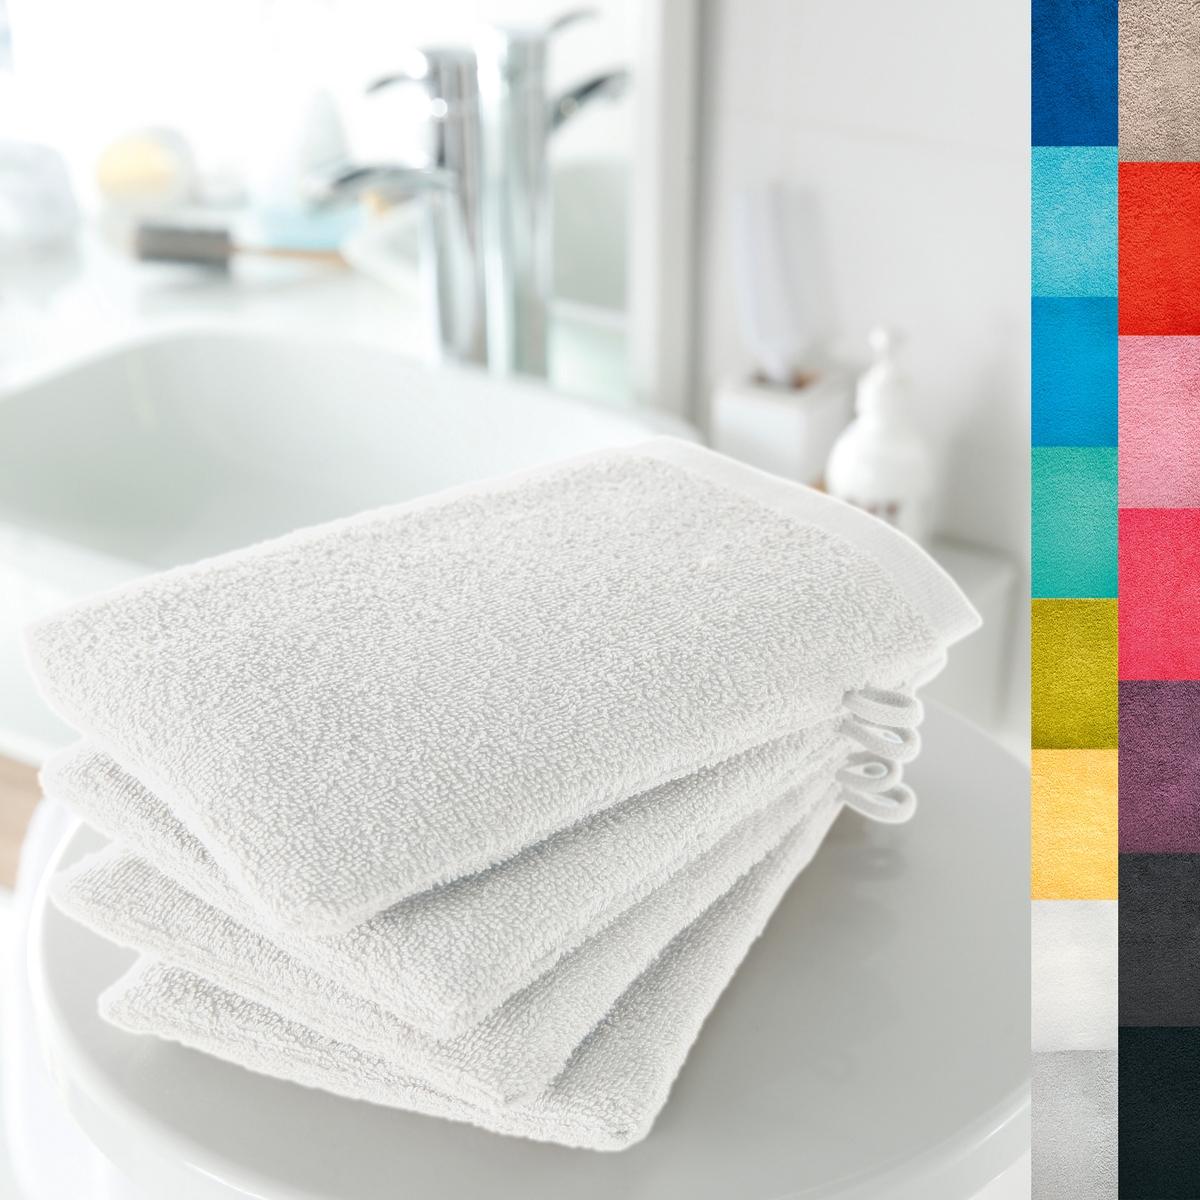 4 банные рукавички, 420 г/м?Мягкая и прочная ткань, 100% хлопка, 420 г/м?. Кайма крупинки. Отличные впитывающие свойства. Размер 15 х 21 см. Стирка при 60°. Превосходная стойкость цвета.  Машинная сушка. В комплекте 4 рукавички.<br><br>Цвет: белый,голубой бирюзовый,гренадин,зеленый анис,темно-серо-каштановый светлый<br>Размер: 15 x 21  см